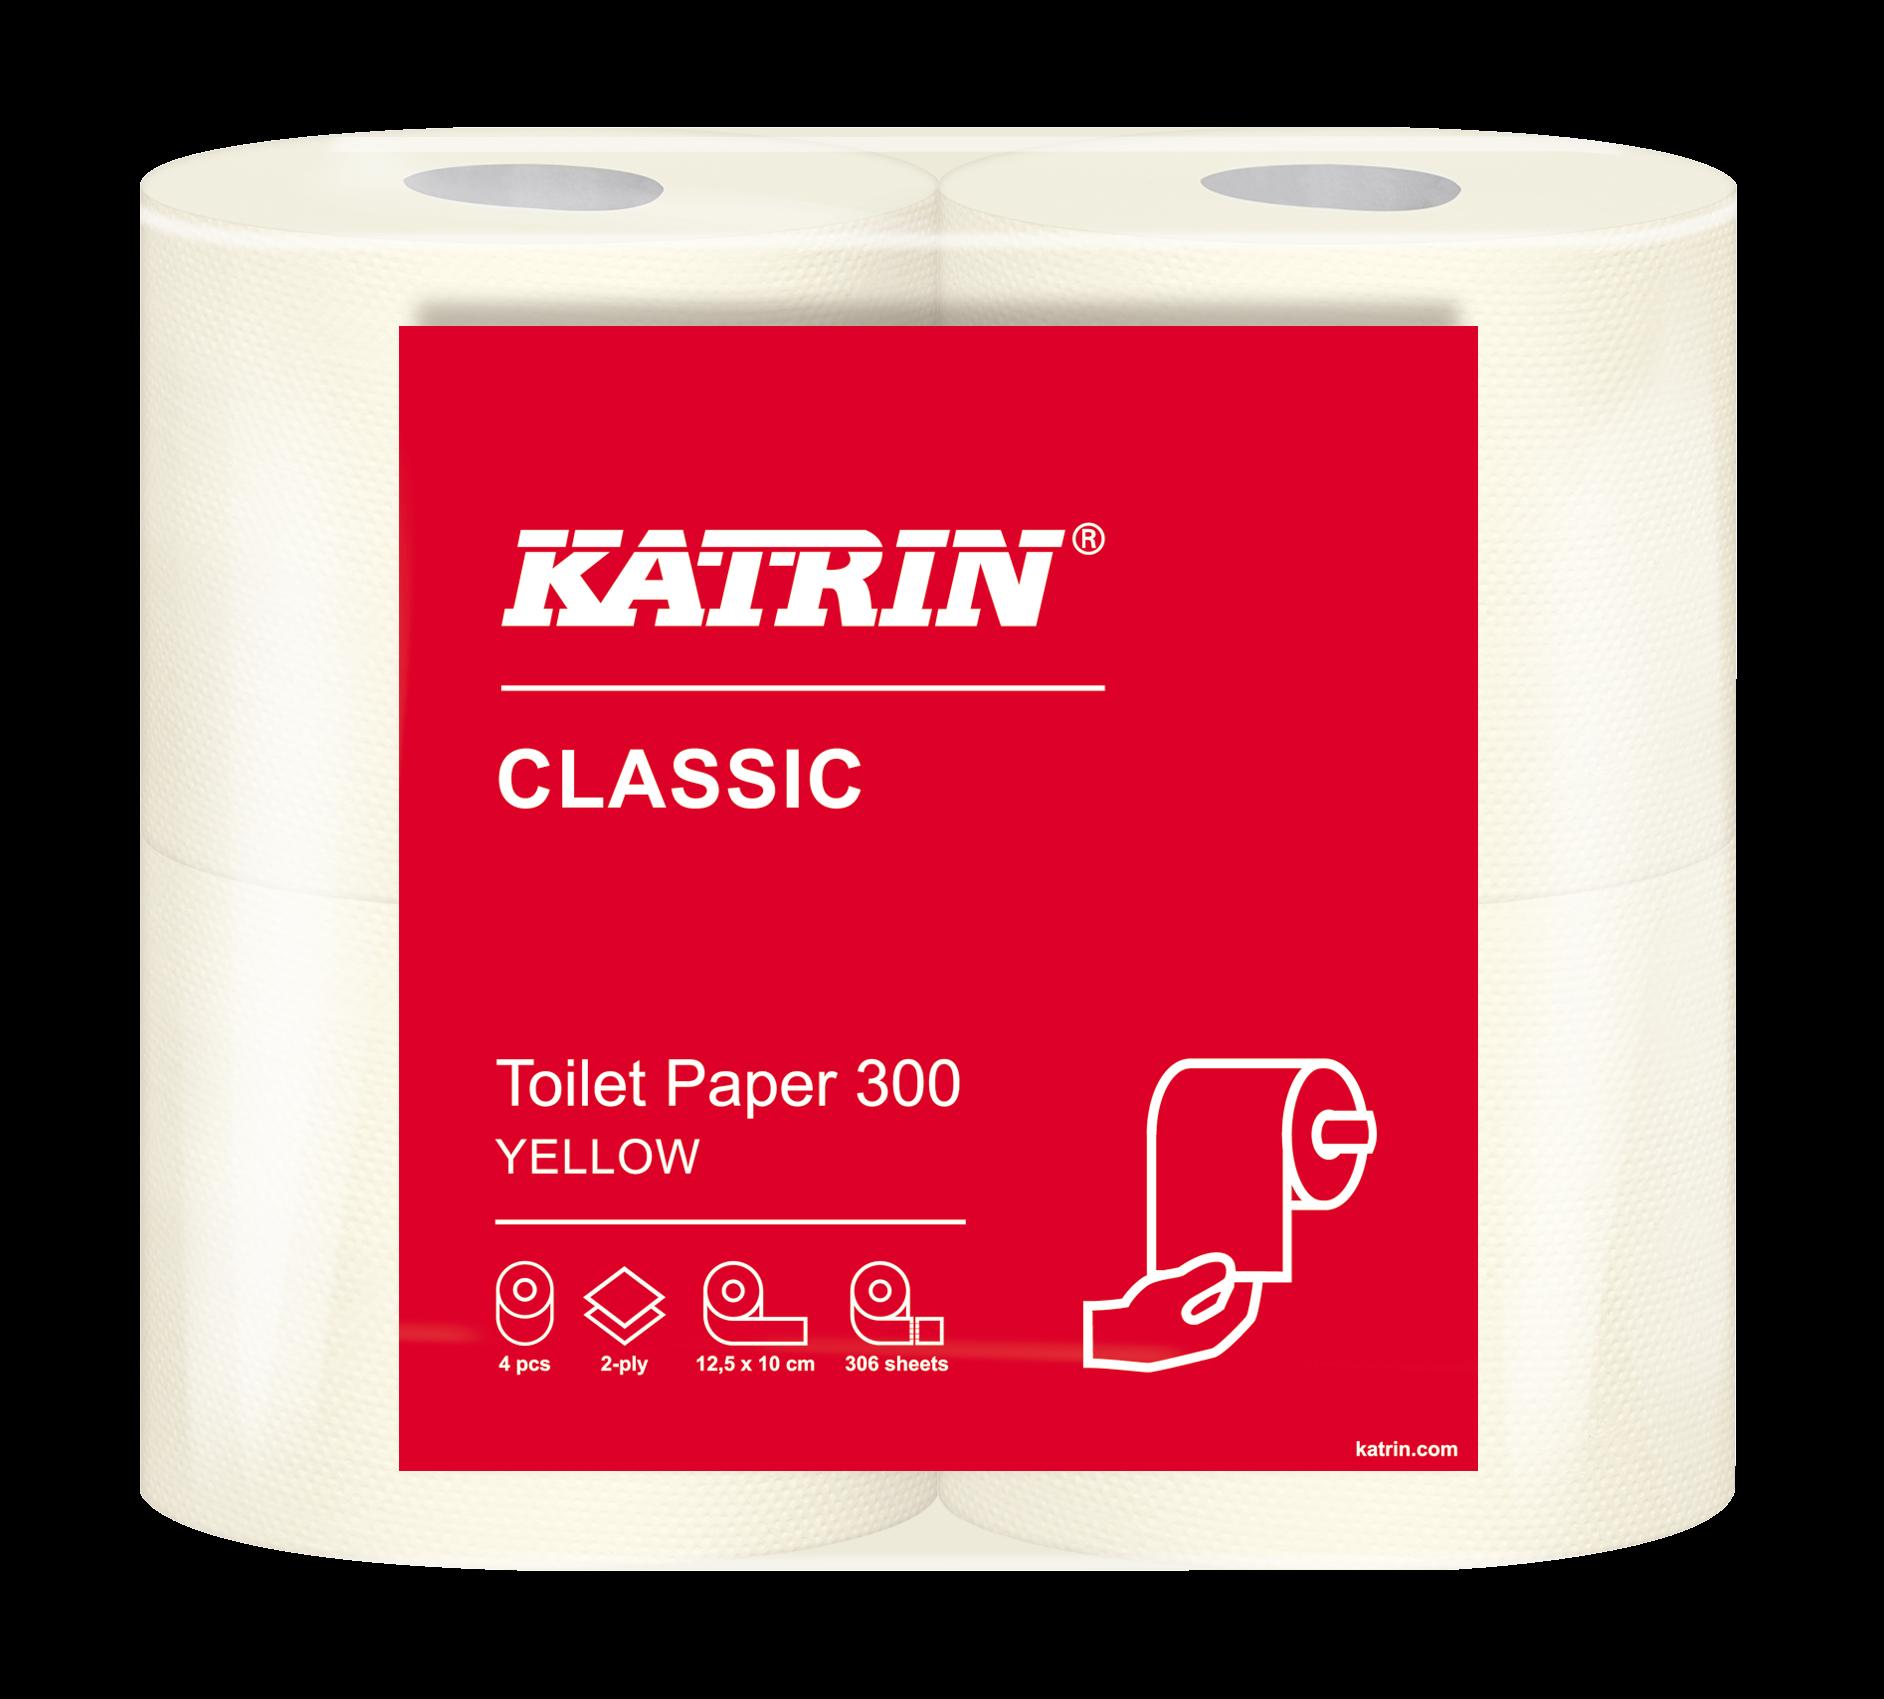 Katrin Classic Toilet 300 Yellow